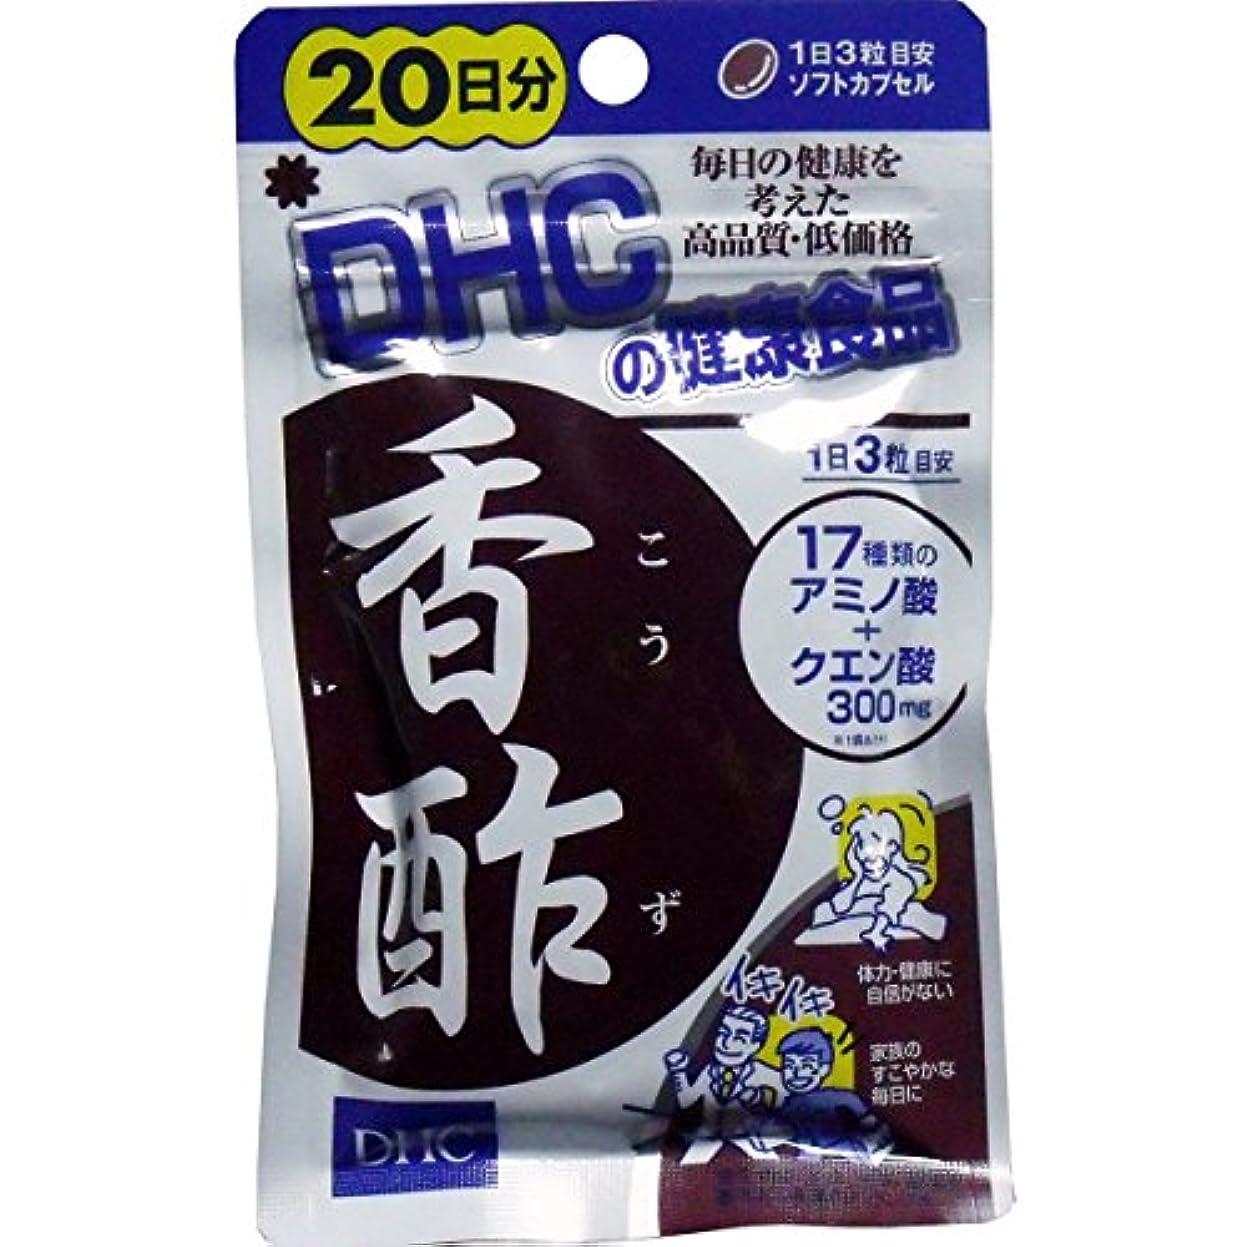 眠っている海外電気的サプリ 健康食品 香酢 酢 パワー DHC アミノ酸たっぷりの禄豊香酢を手軽に!20日分 60粒入【3個セット】